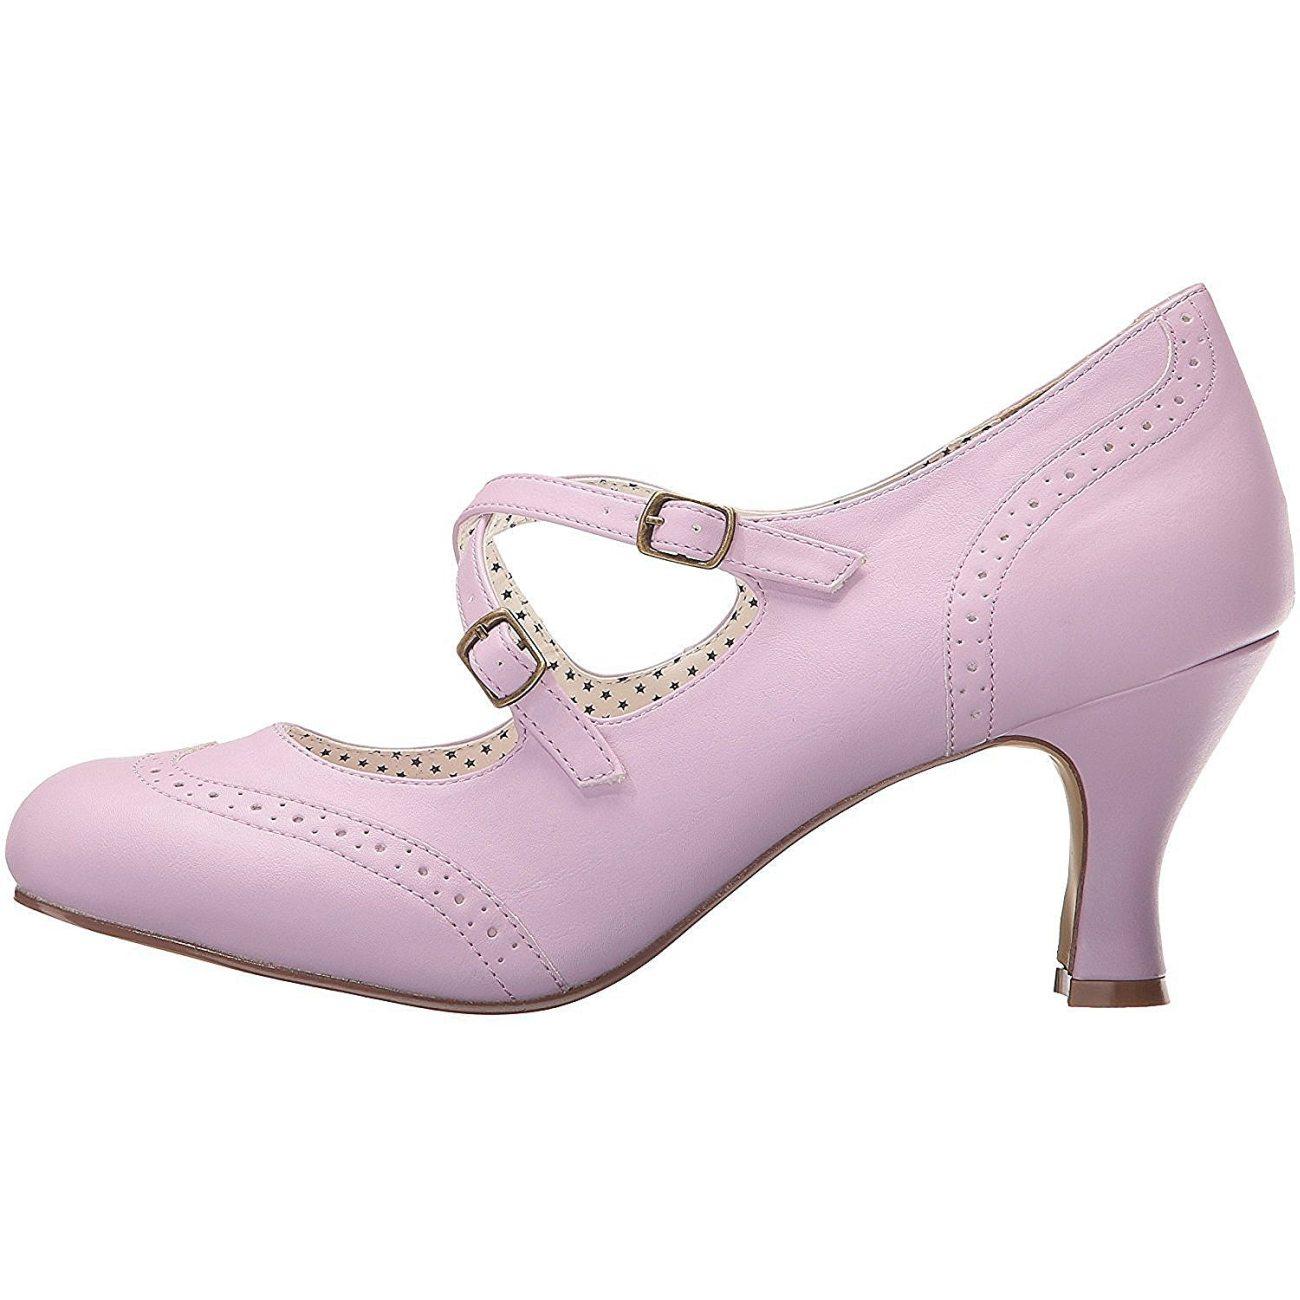 d944f12f6 35 Salón 5 Purpura Cm Pinup 7 De Flapper Zapatos Tacón Bajo xI4q8A4